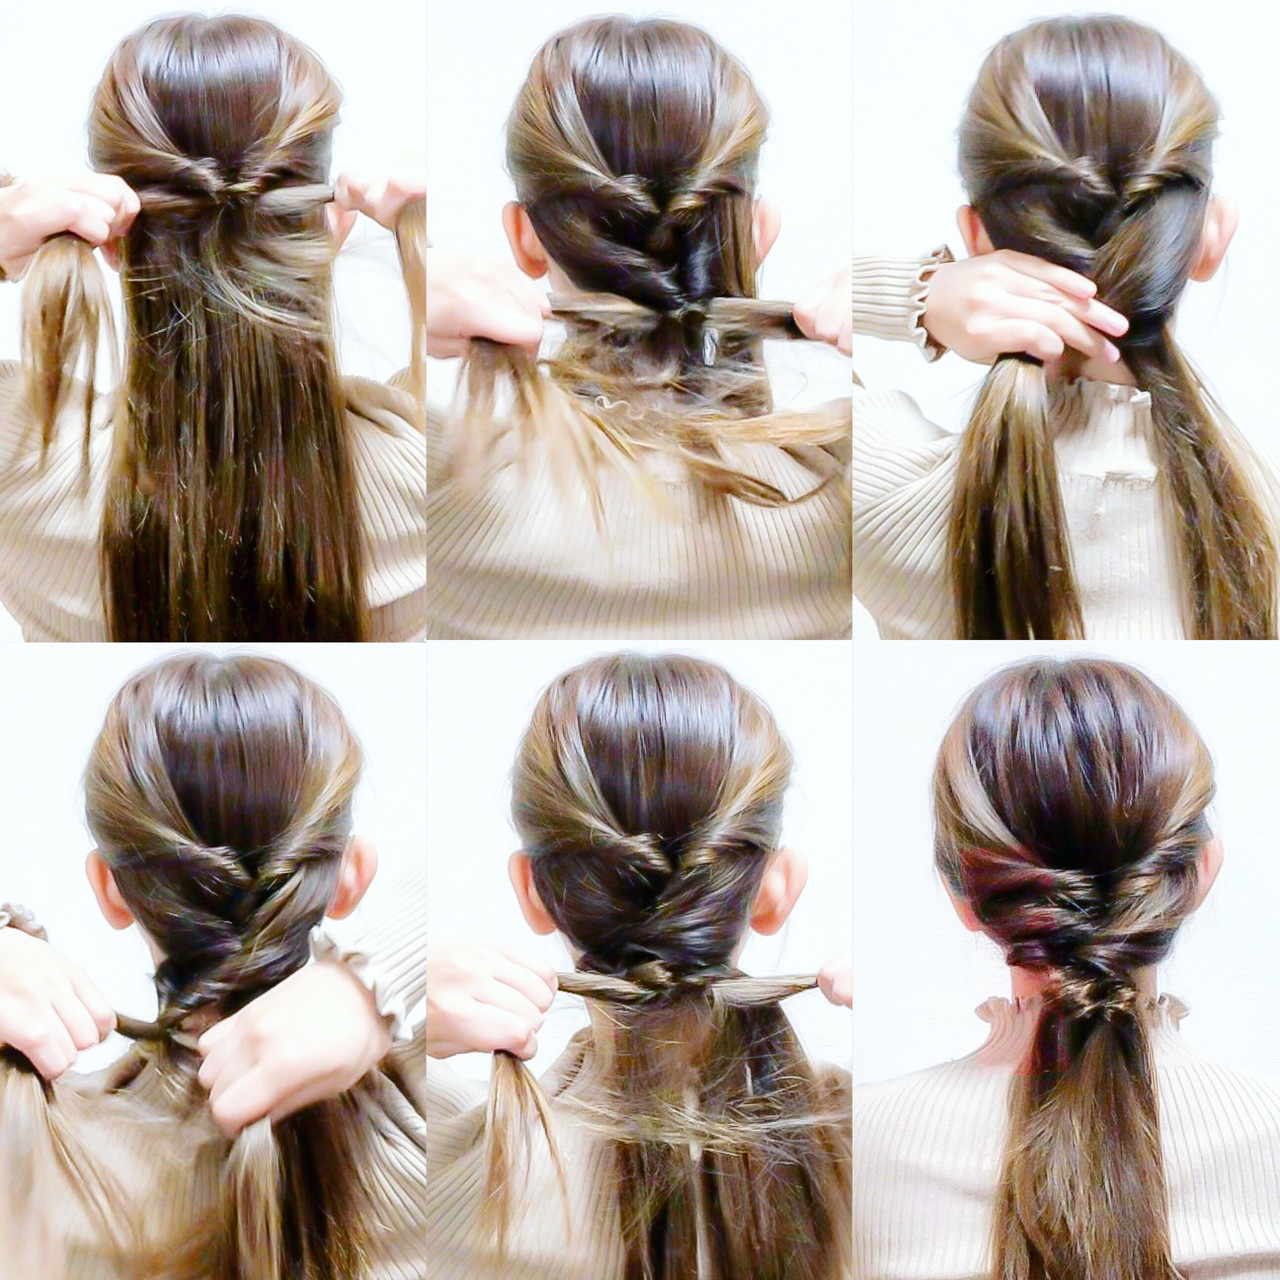 後ろを見ないですぐ出来ちゃう❤️ 簡単くるりんぱでセルフアレンジ‼️ ☆ ☆やり方☆ 1.両サイドを後ろで結びくるりんぱします‼️ 2.残りの髪を左右に割ります‼️ 3.そこから両端の毛束をすくい交差するようにそれぞれ反対側の毛束と一緒に結びくるりんぱします‼️ 4.毛先同士を結びくるりんぱしたら完成です‼️